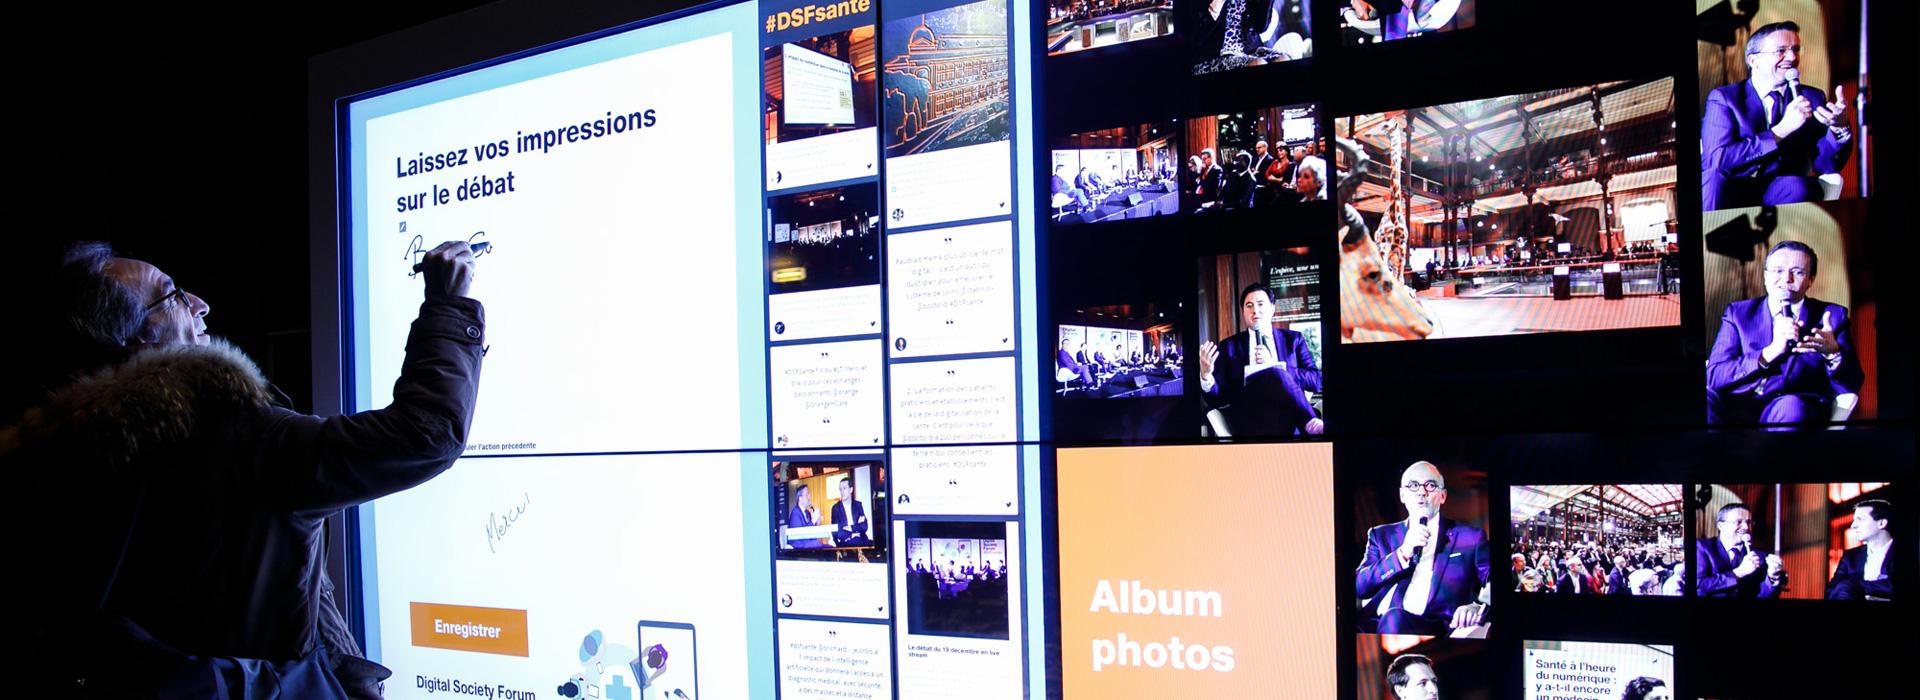 museum - orangeaccueil-1.jpg